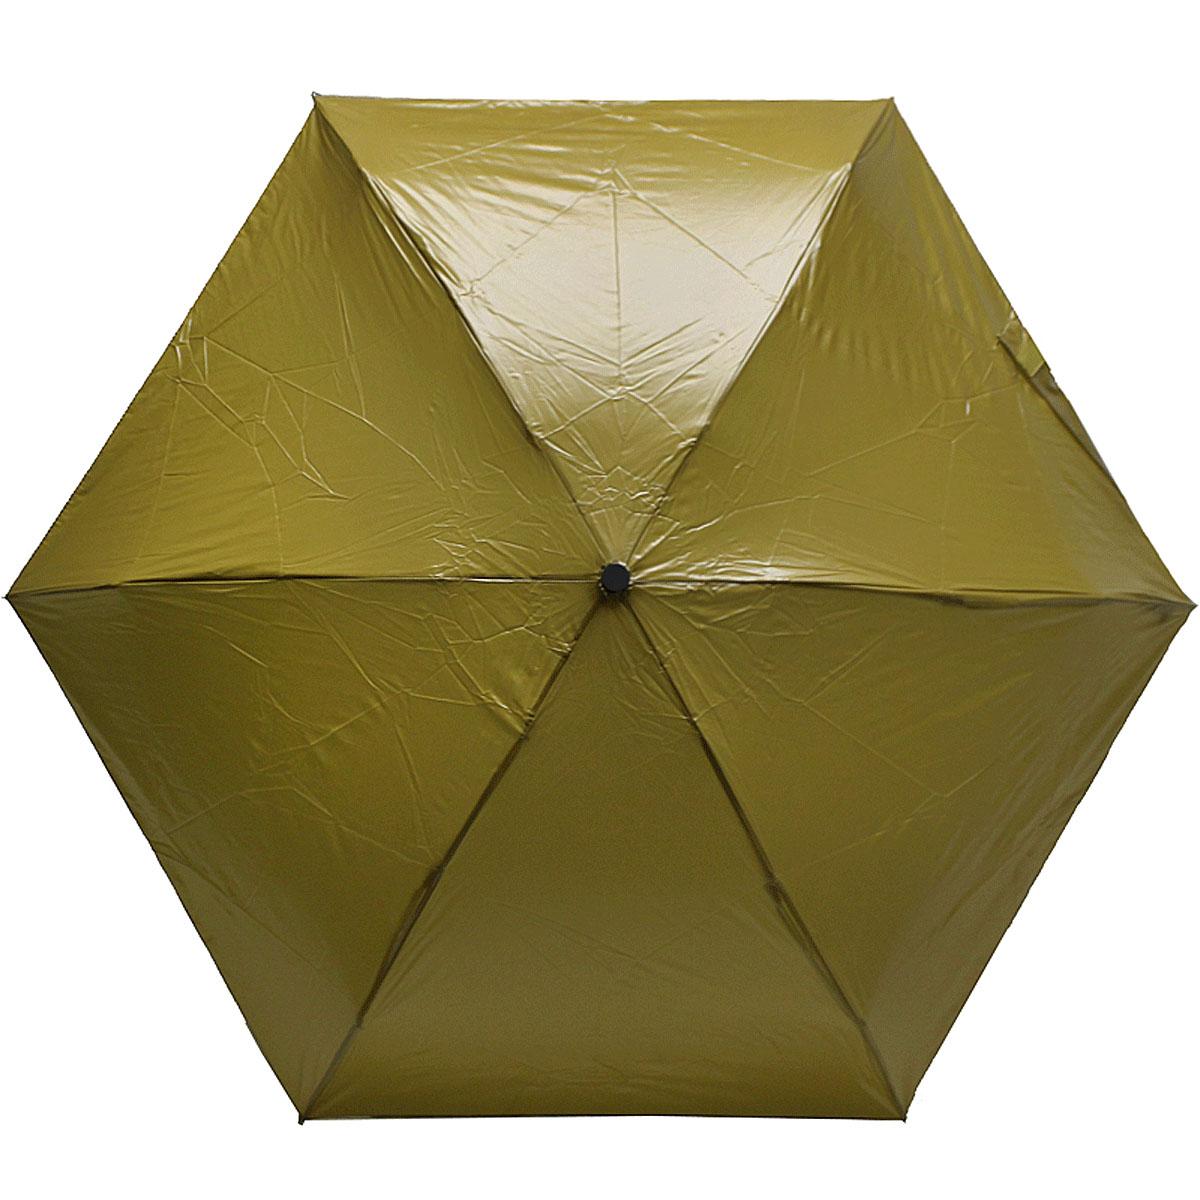 Зонт женский Vogue, цвет: хаки. 454V-2Колье (короткие одноярусные бусы)Стильный механический зонт испанского производителя Vogue оснащен каркасом с противоветровым эффектом.Каркас зонта включает 6 спиц. Стержень изготовлен из стали, купол выполнен из прочного полиэстера.Зонт является механическим: купол открывается и закрывается вручную до характерного щелчка.Такой зонт не только надежно защитит вас от дождя, но и станет стильным аксессуаром, который идеально подчеркнет ваш неповторимый образ. Рекомендации по использованию: Мокрый зонт нельзя оставлять сложенным. Зонт после использования рекомендуется сушить в полураскрытом виде вдали от нагревательных приборов. Чистить зонт рекомендуется губкой, используя мягкие нещелочные растворы.